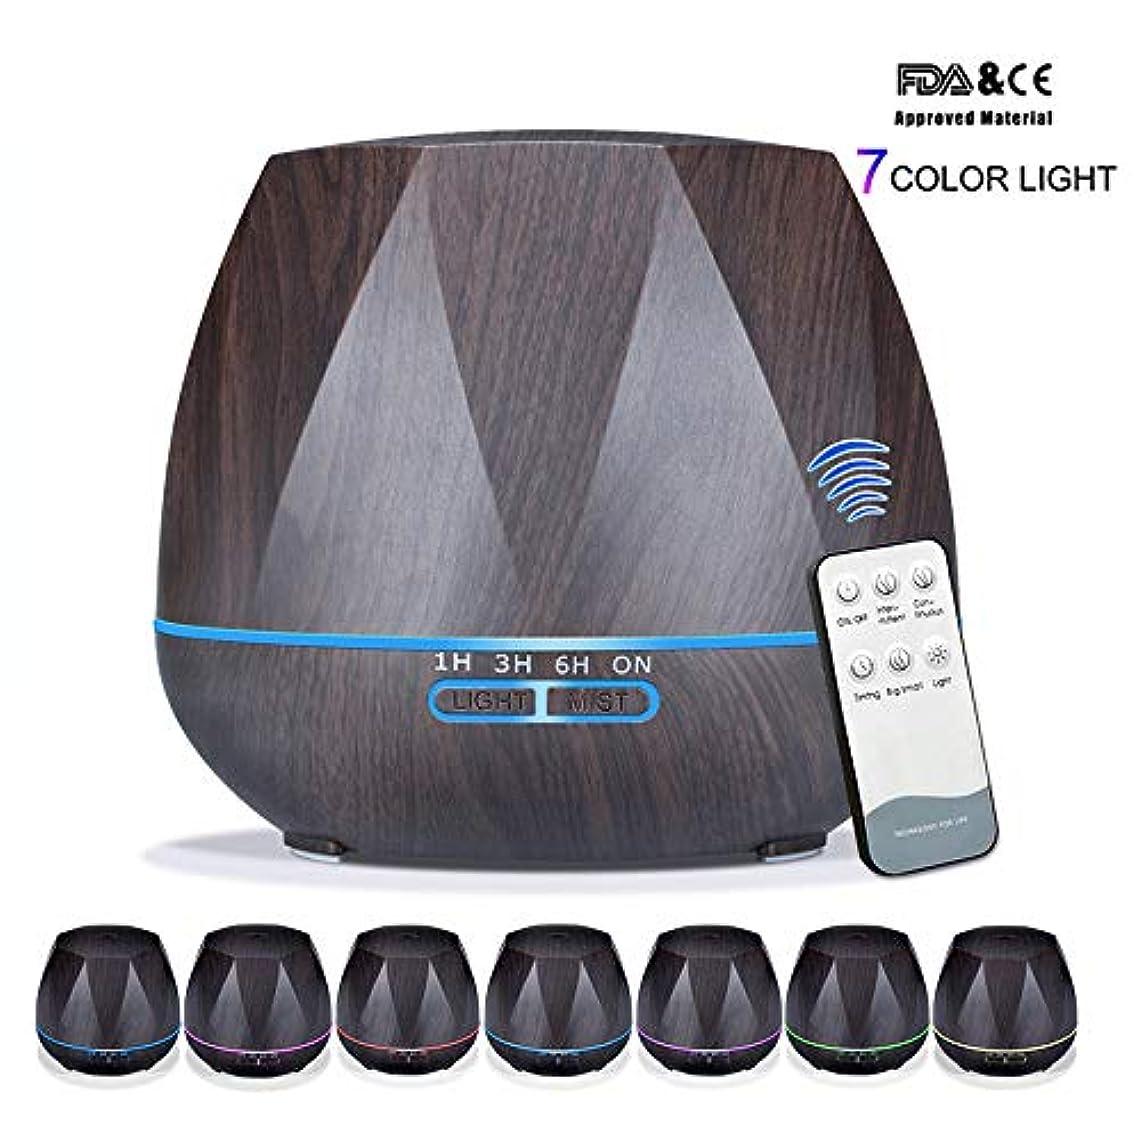 めんどり同様に起業家アロマセラピーエッセンシャルオイルアロマディフューザーリモートコントロール7色LEDライトホームエアアロマディフューザー加湿器550ML,Black,Remote